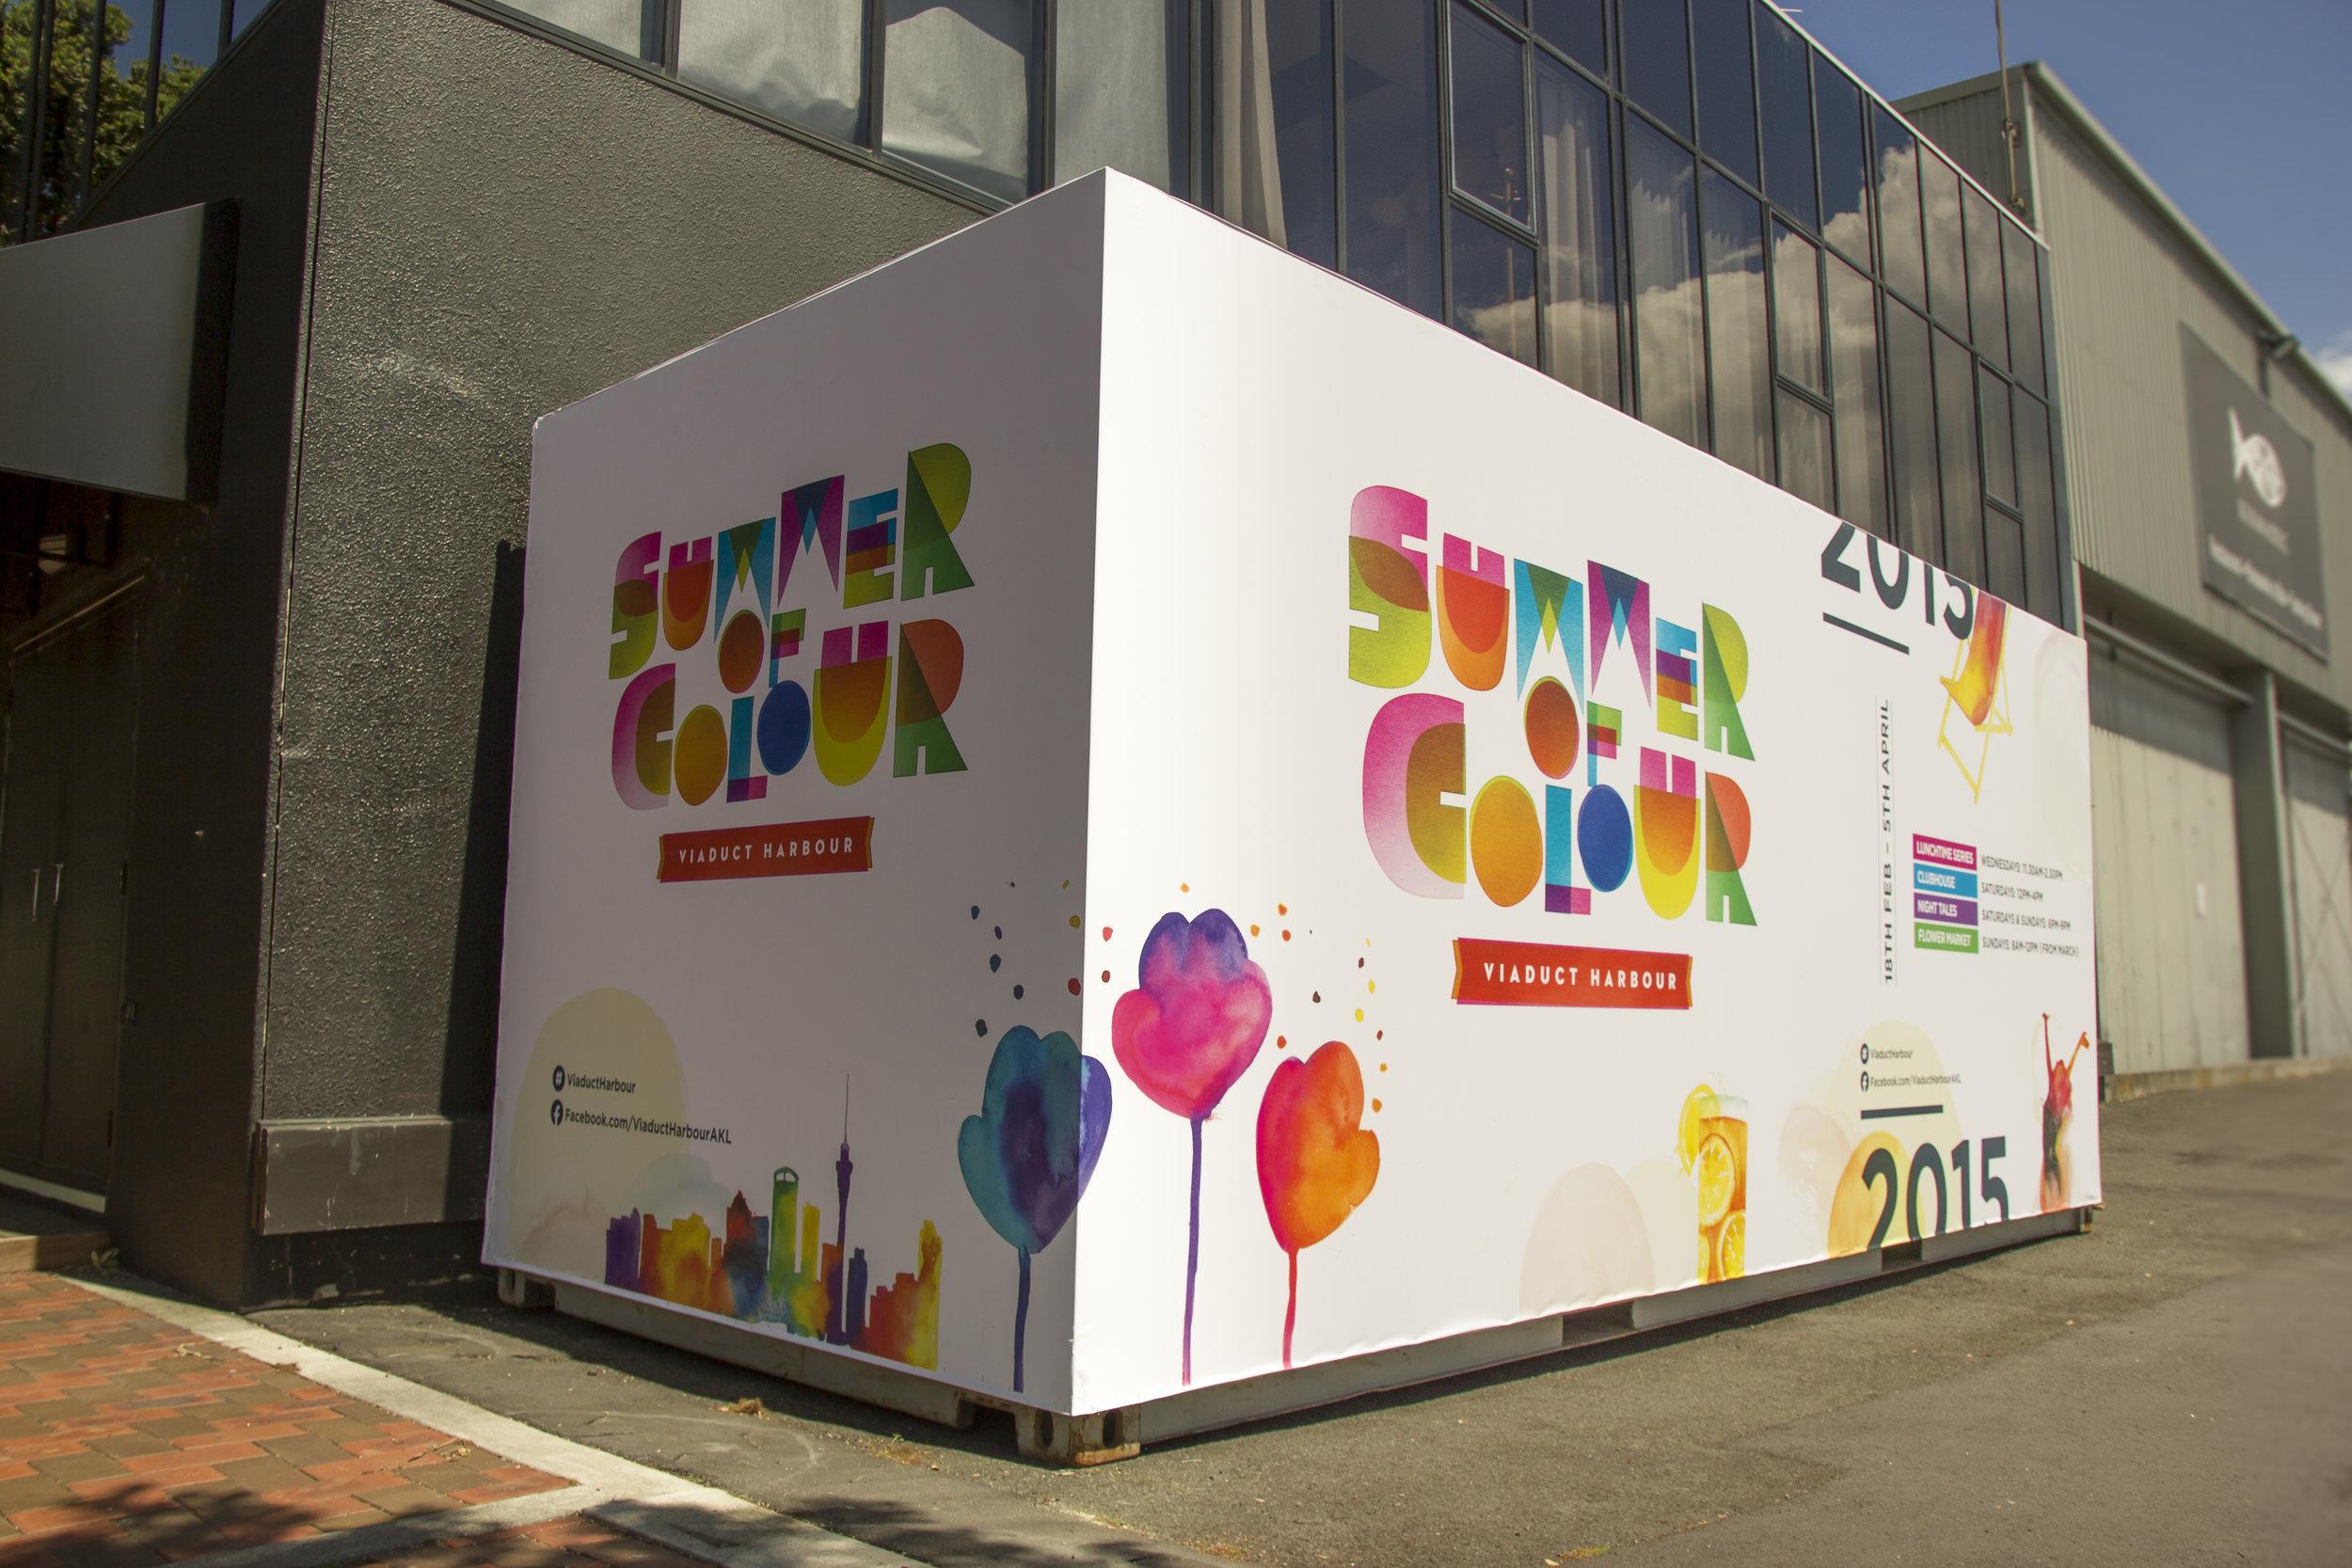 SummerOfColour_130215_007.jpg